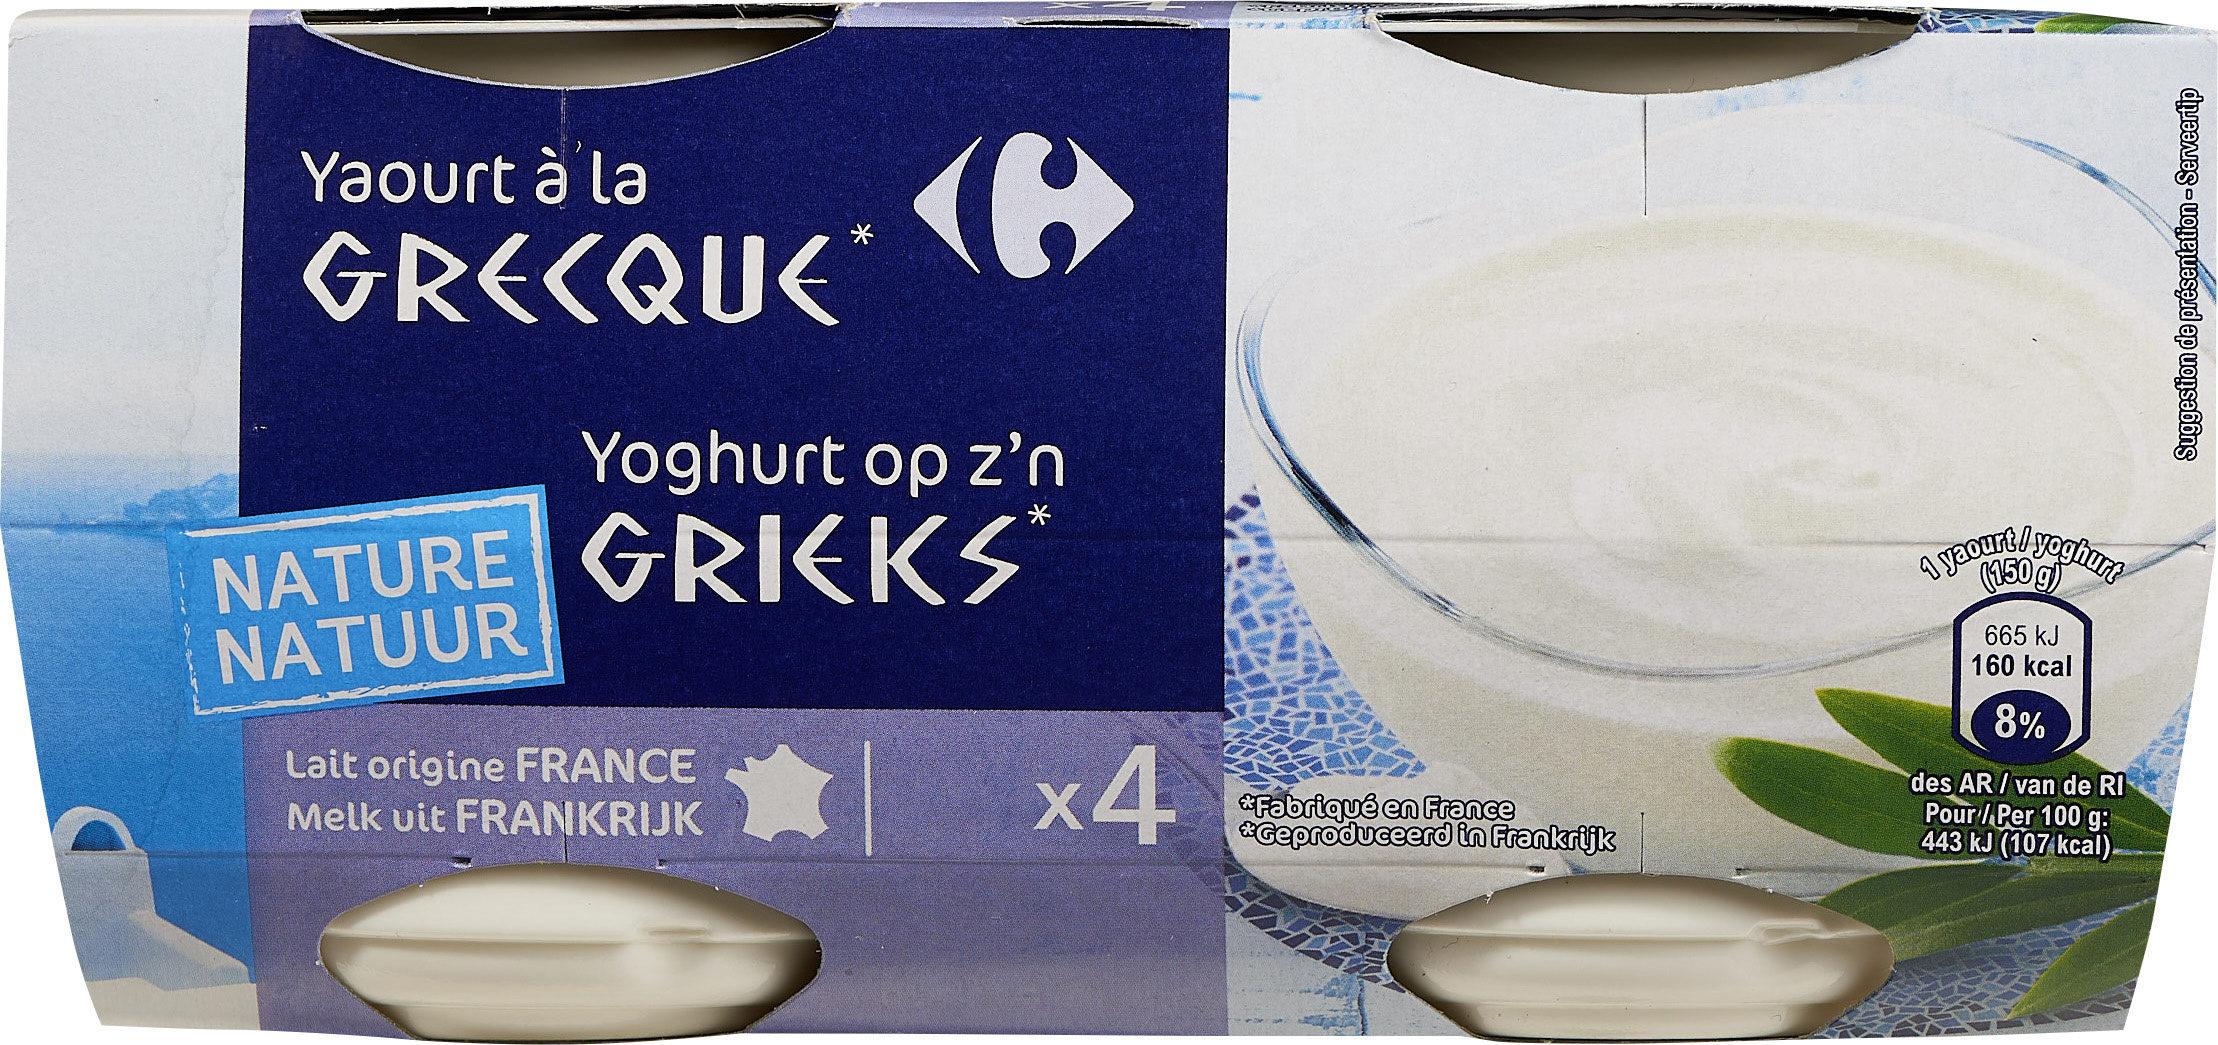 Yaourt à la grecque - Product - fr